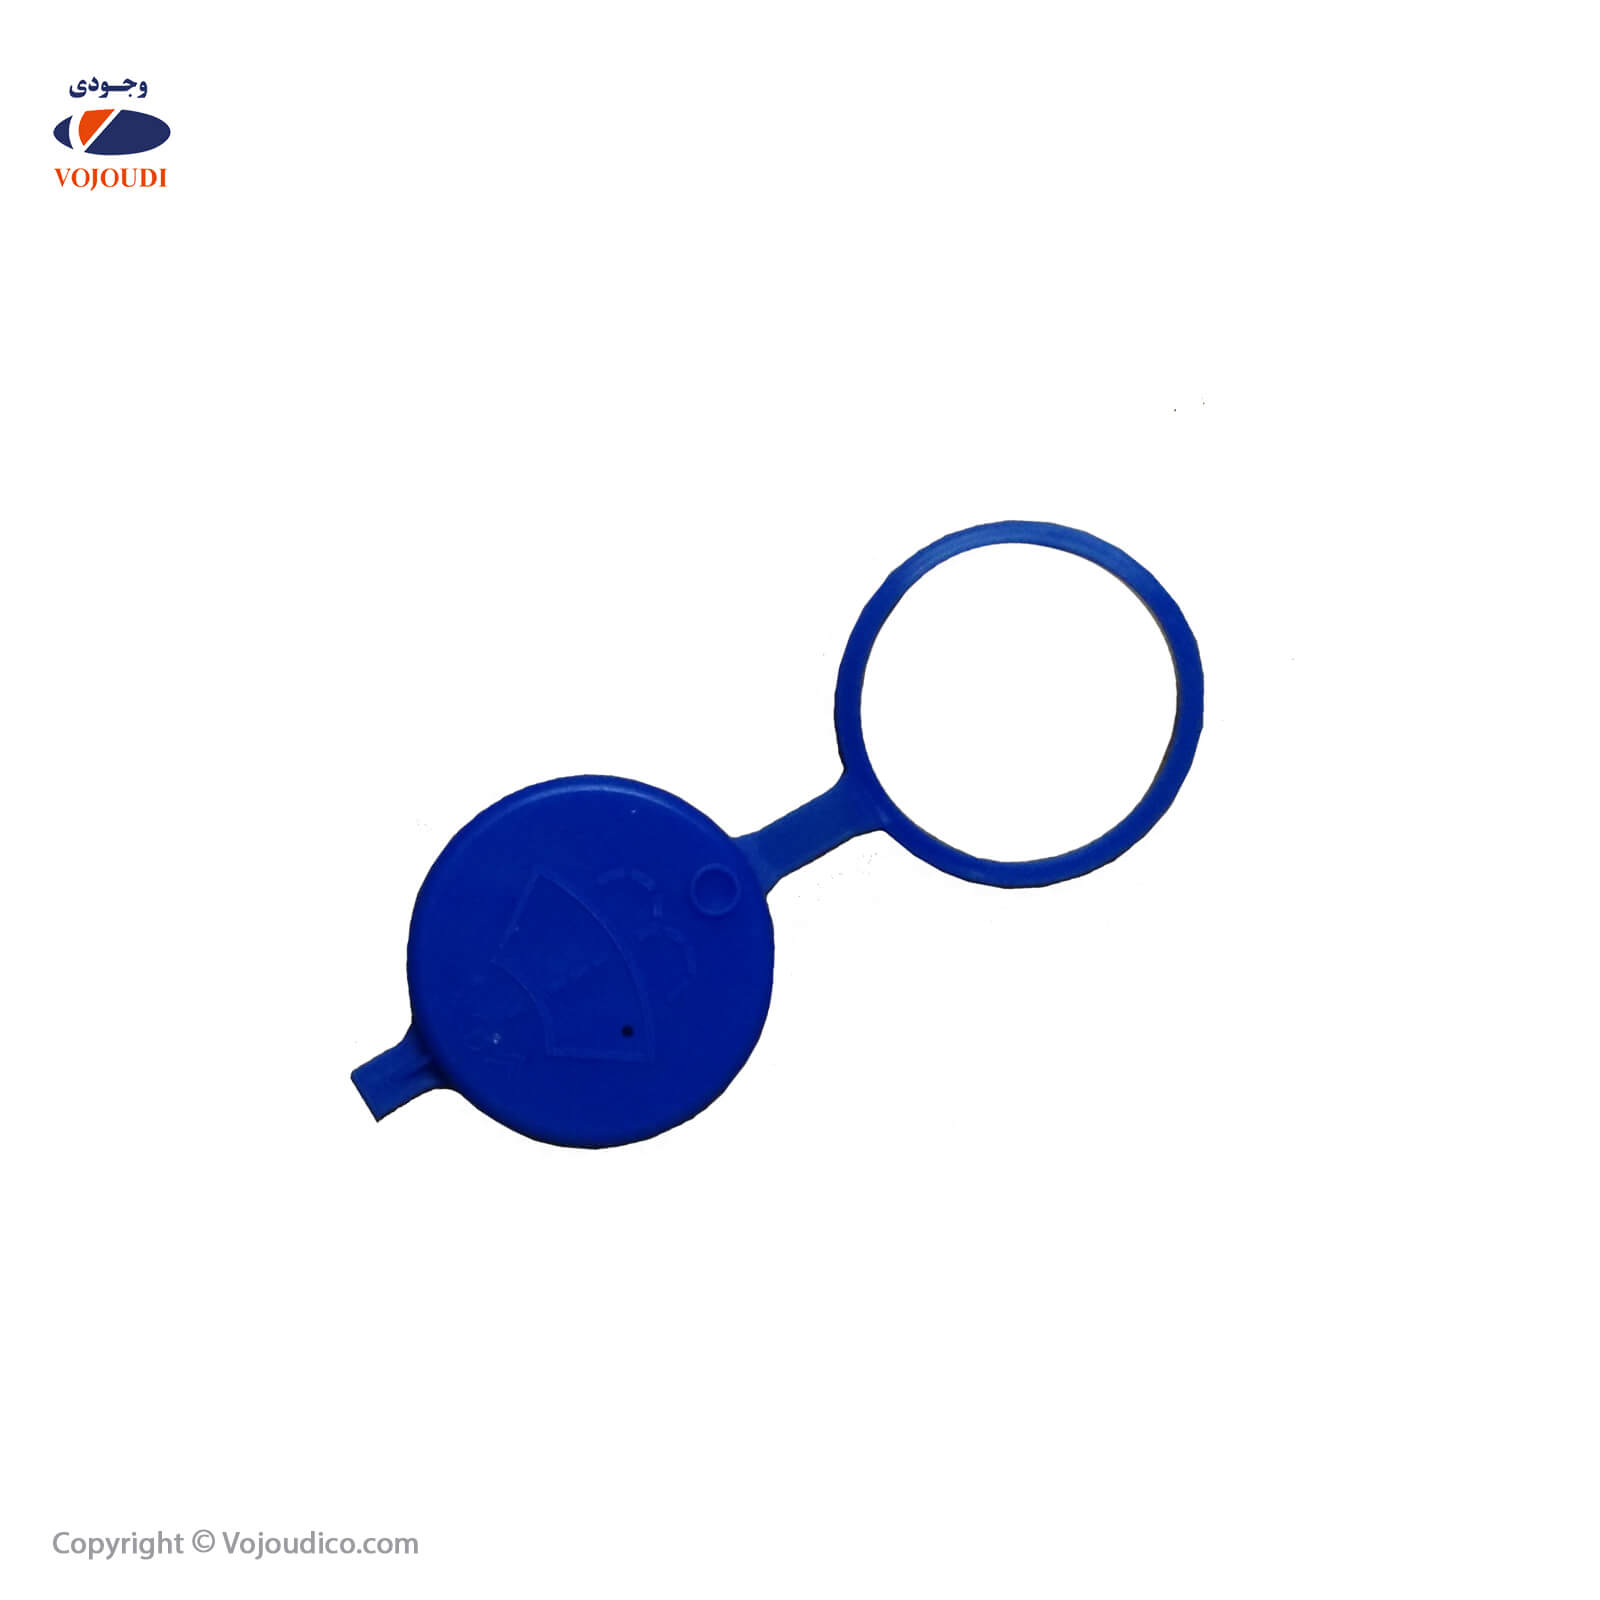 3845 1 1 - درب منبع شيشه شوی وجودی کد 3845 ، تعداد در بسته : 100 عدد